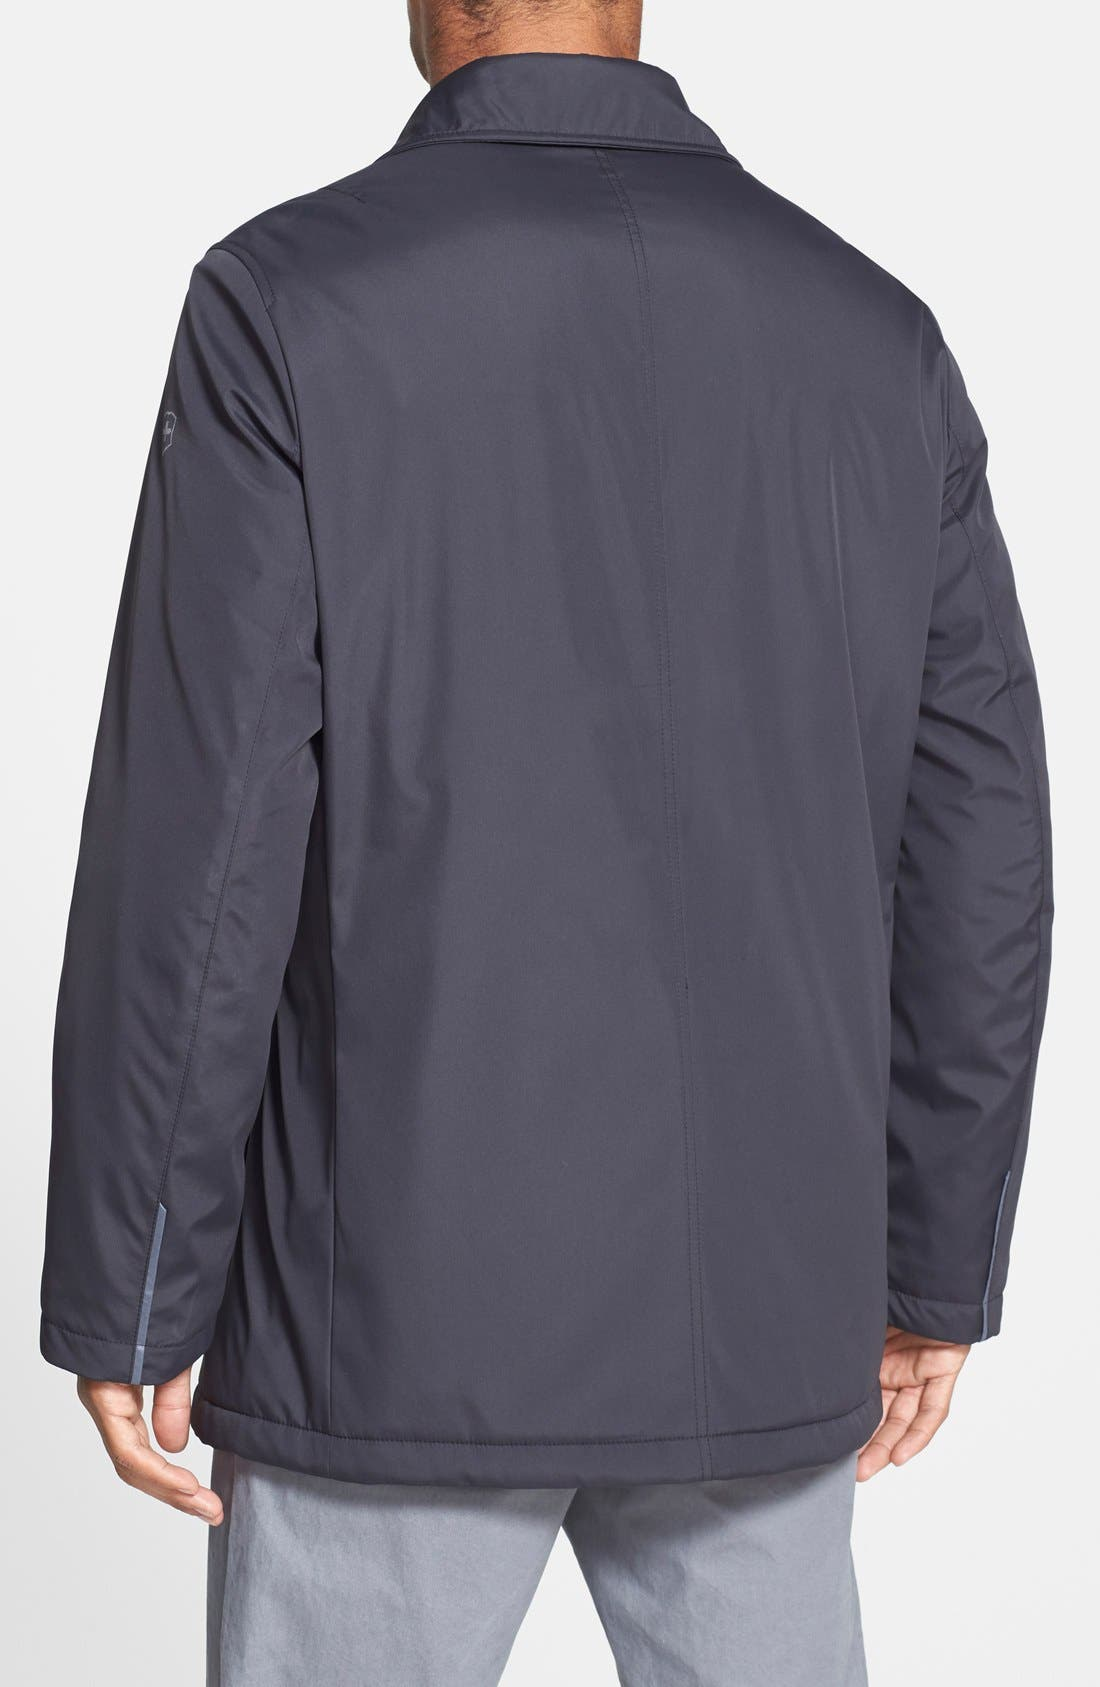 Alternate Image 2  - Victorinox Swiss Army® 'Horben' Water Repellent Fleece Lined Jacket